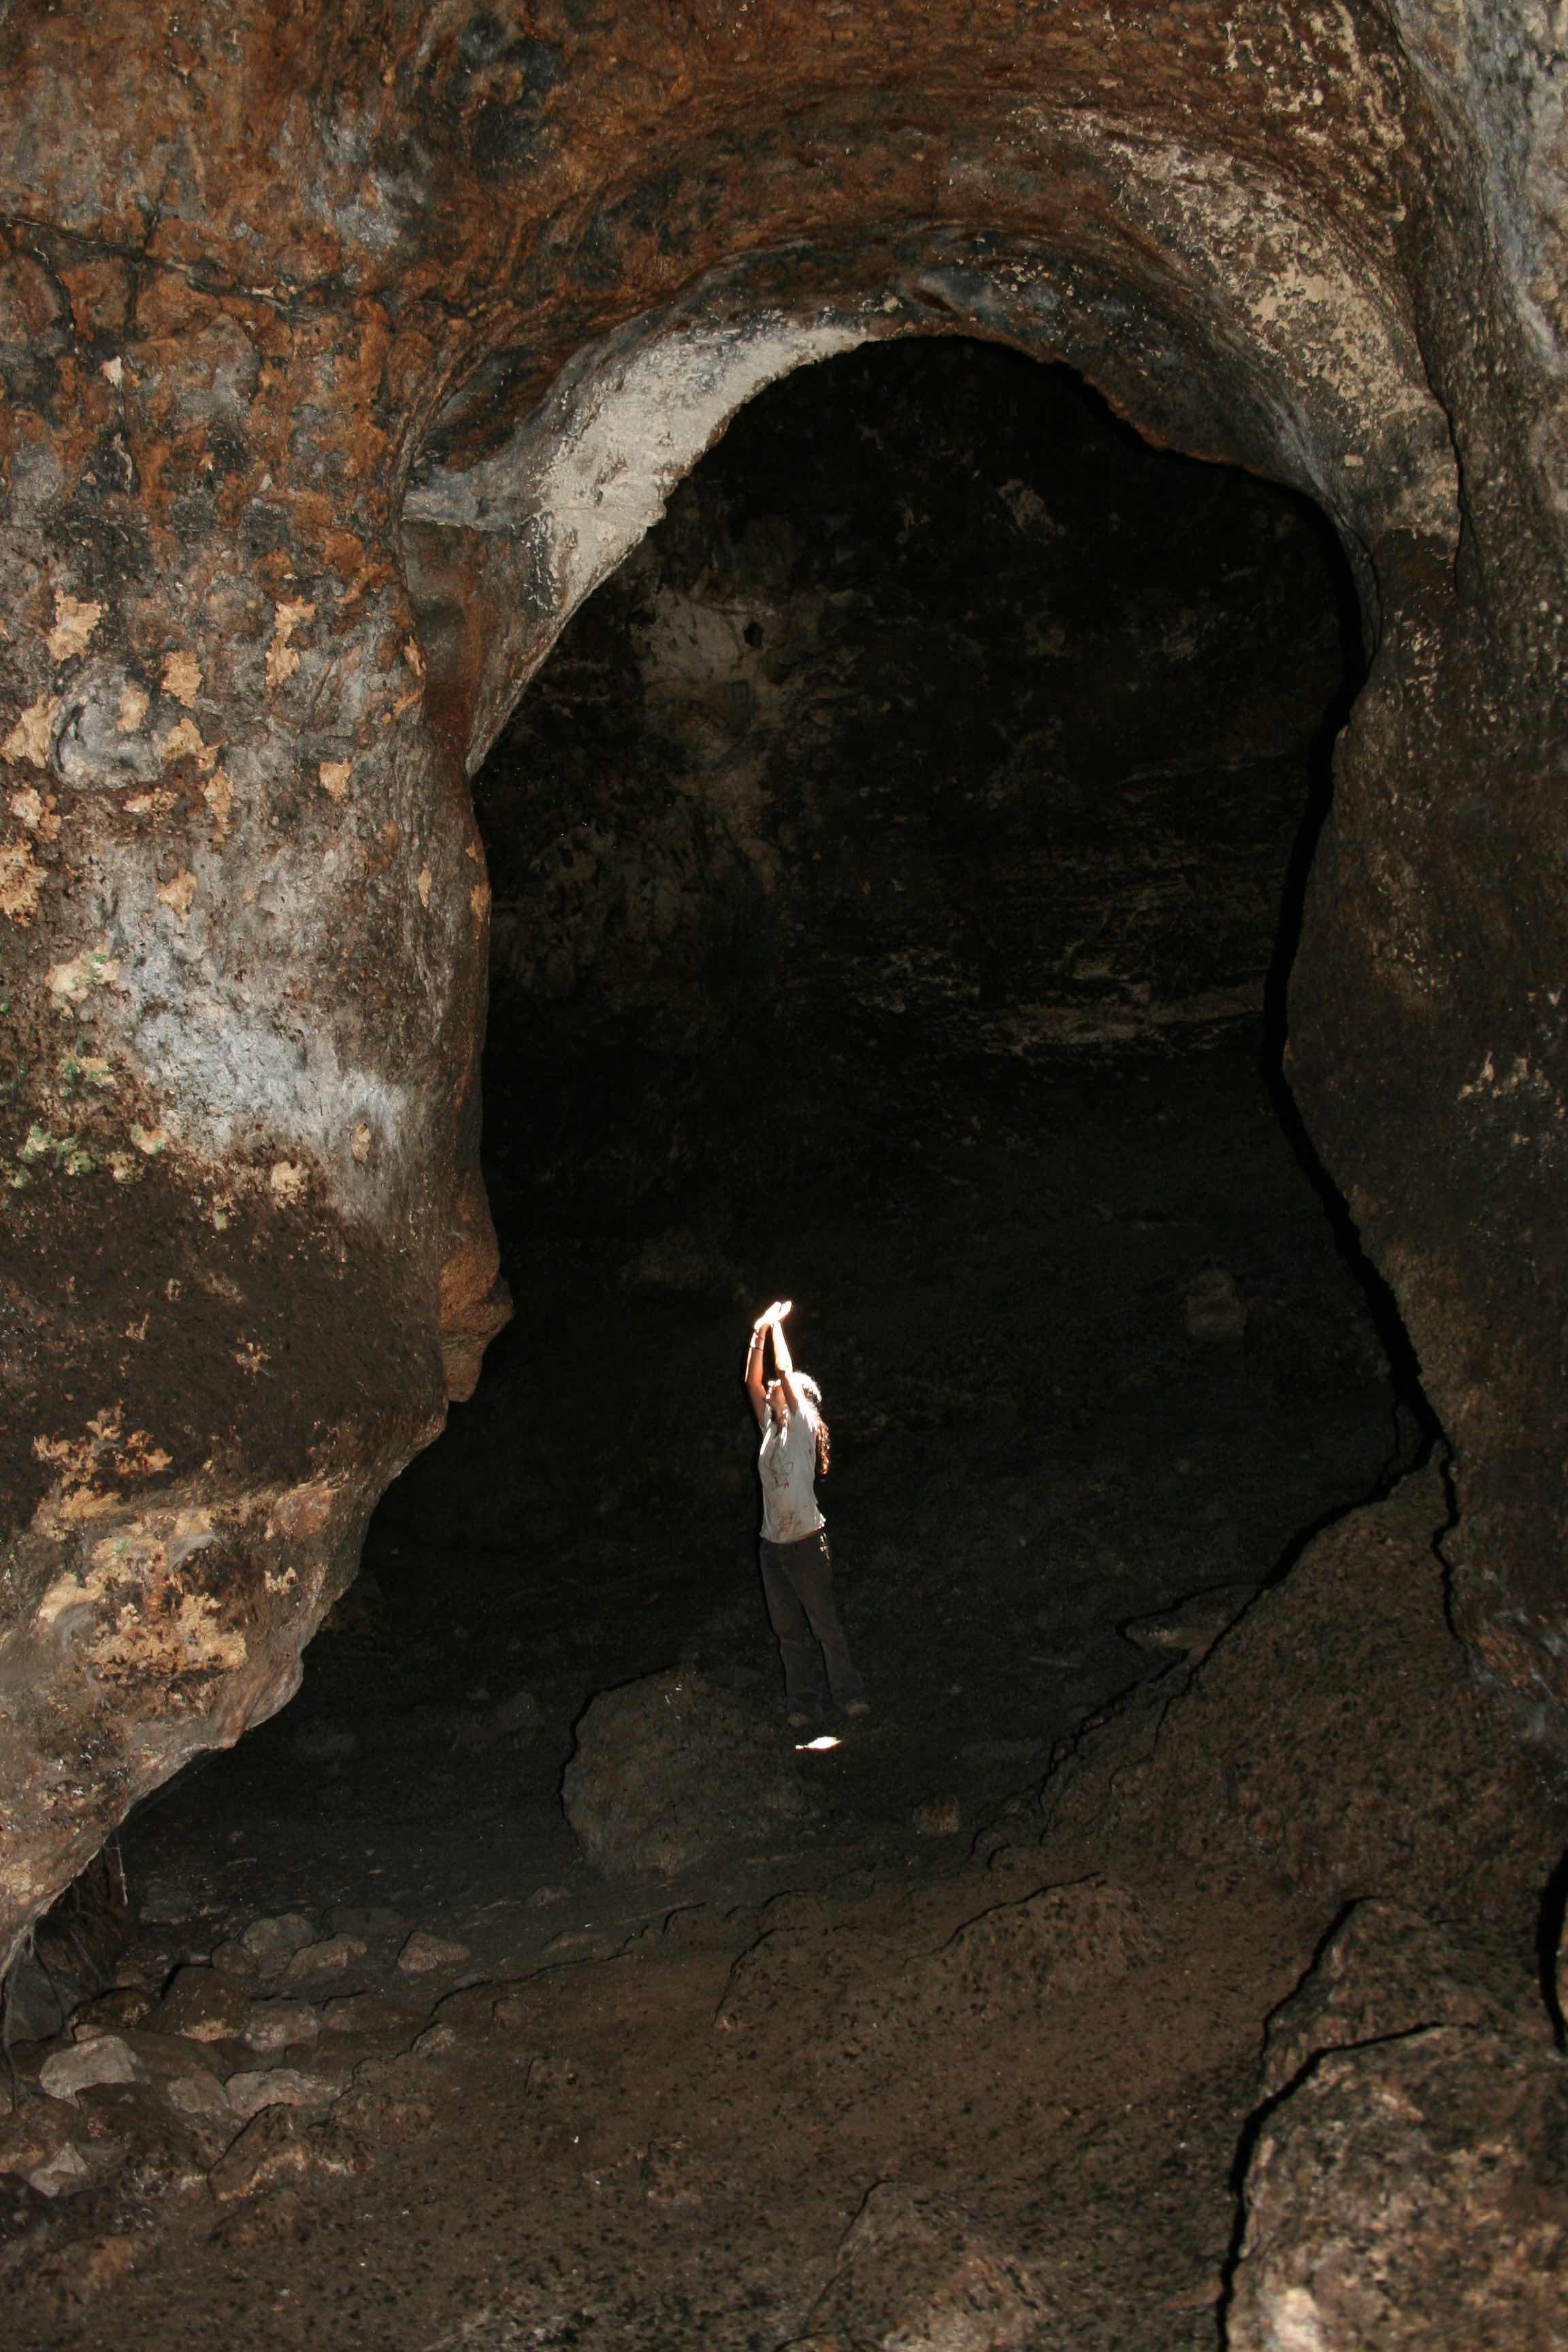 בקצה מסדרון המערה